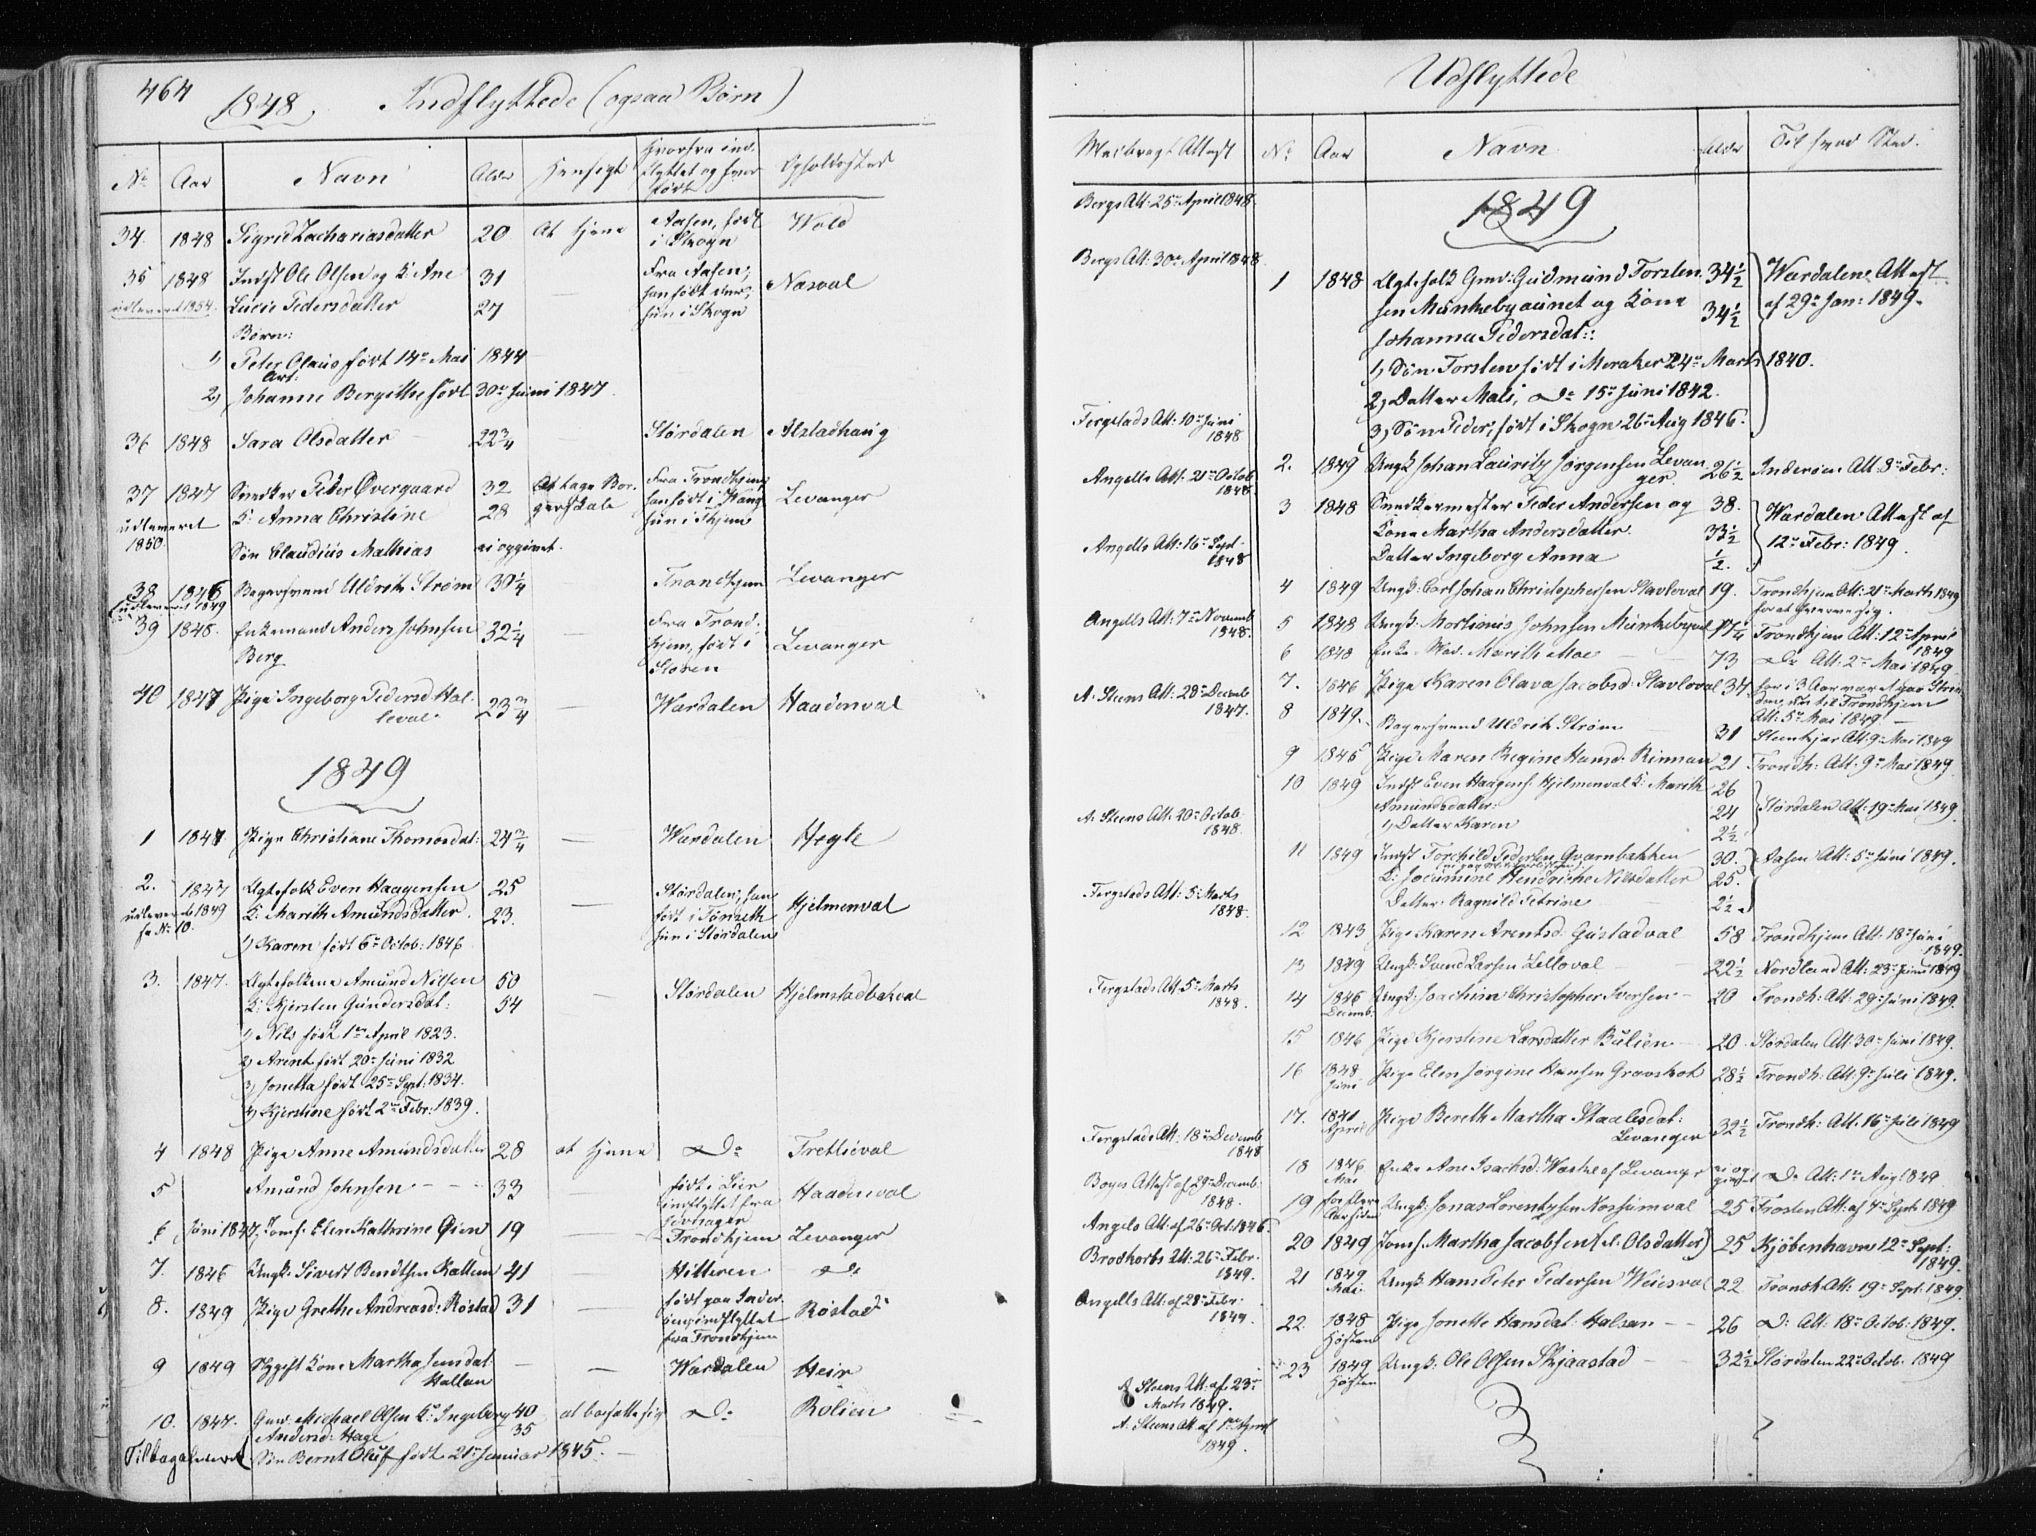 SAT, Ministerialprotokoller, klokkerbøker og fødselsregistre - Nord-Trøndelag, 717/L0154: Ministerialbok nr. 717A06 /1, 1836-1849, s. 464